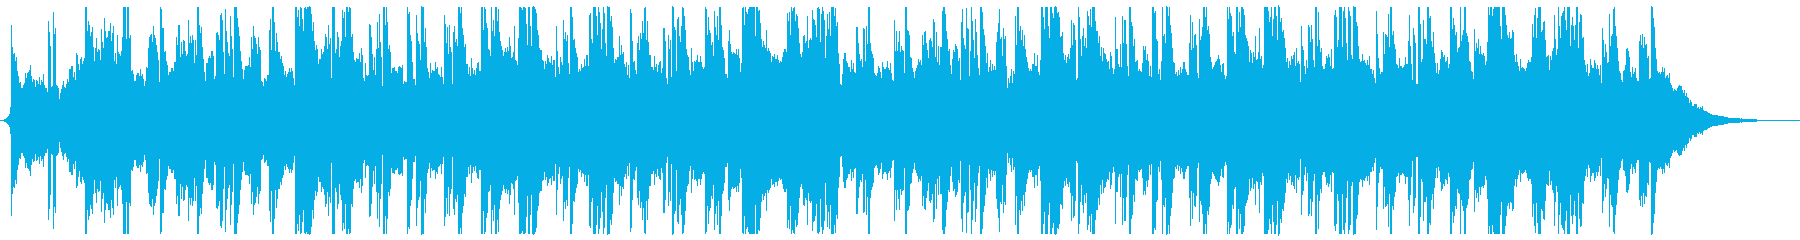 ミステリアスなピアノアンビエントの再生済みの波形